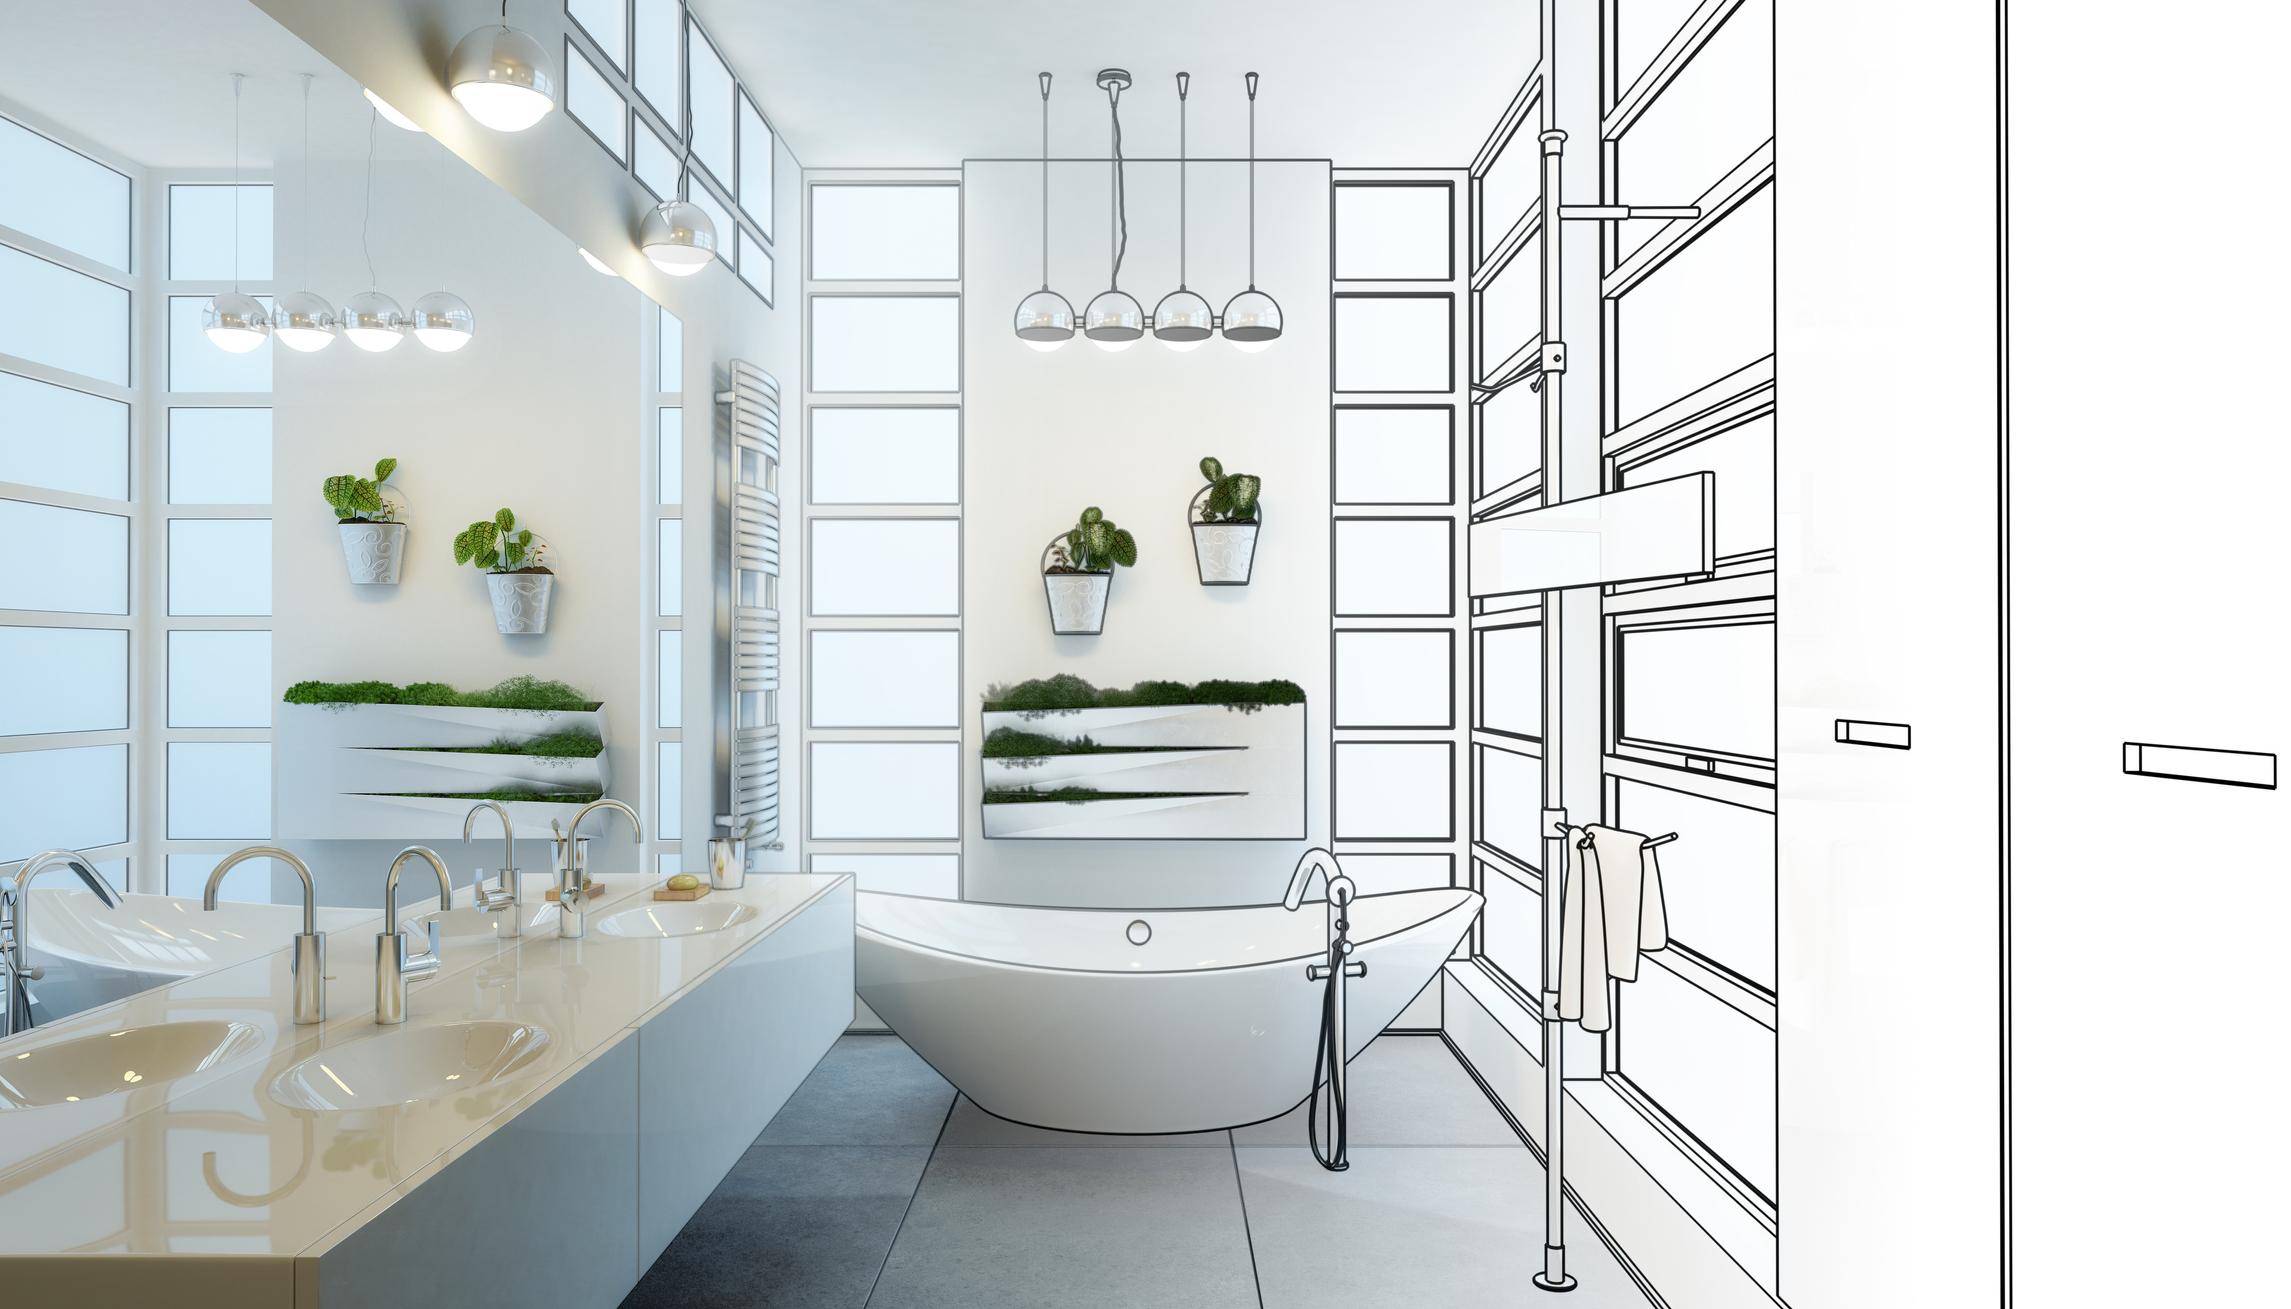 solutions adopter lorsque vous devez intervenir dans une salle de bains sans prise de terre